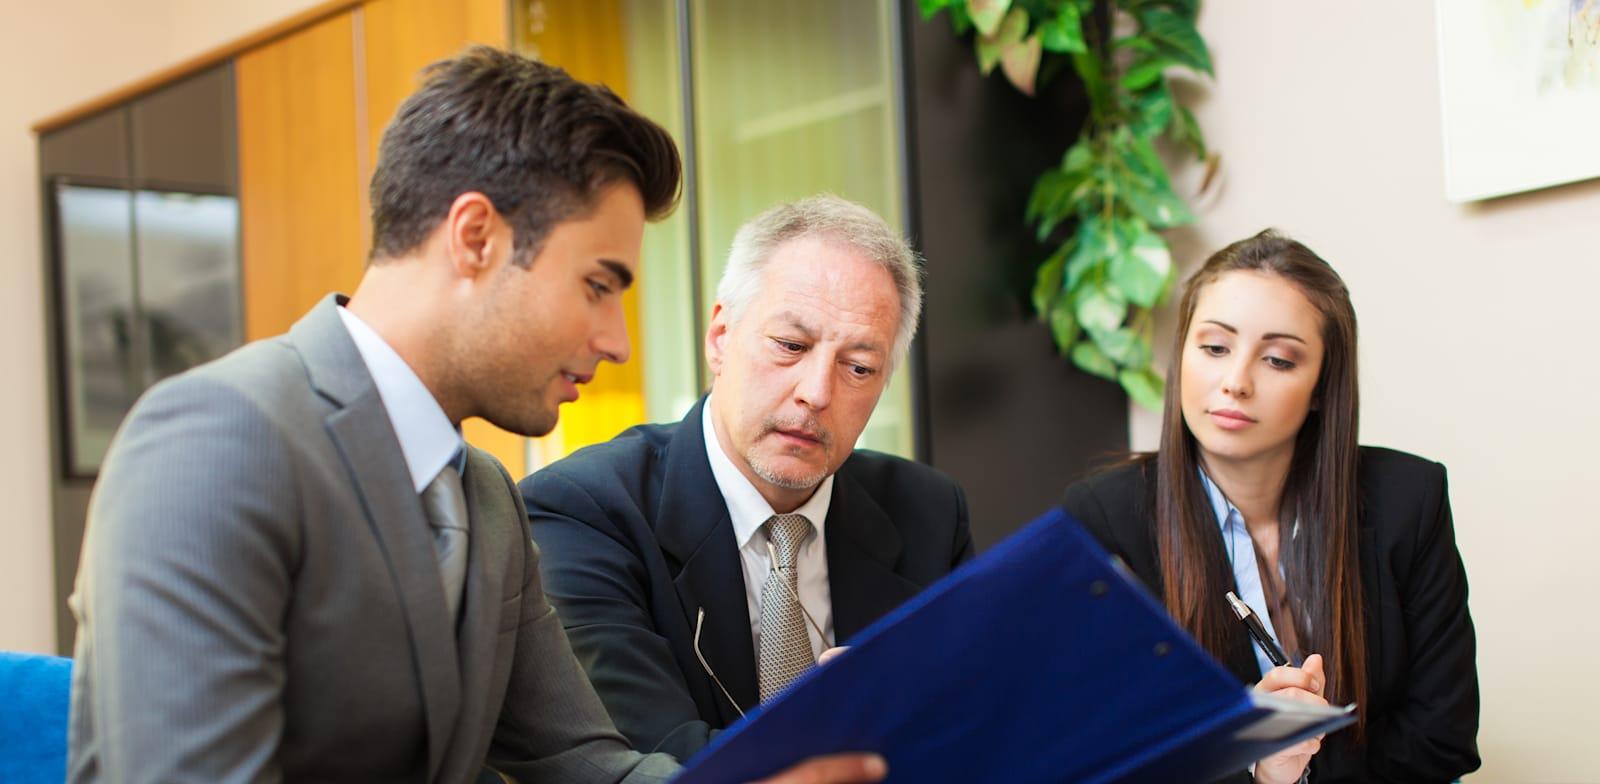 רק שליש מעורכות הדין בארץ שותפות בפירמות גדולות / צילום: Shutterstock